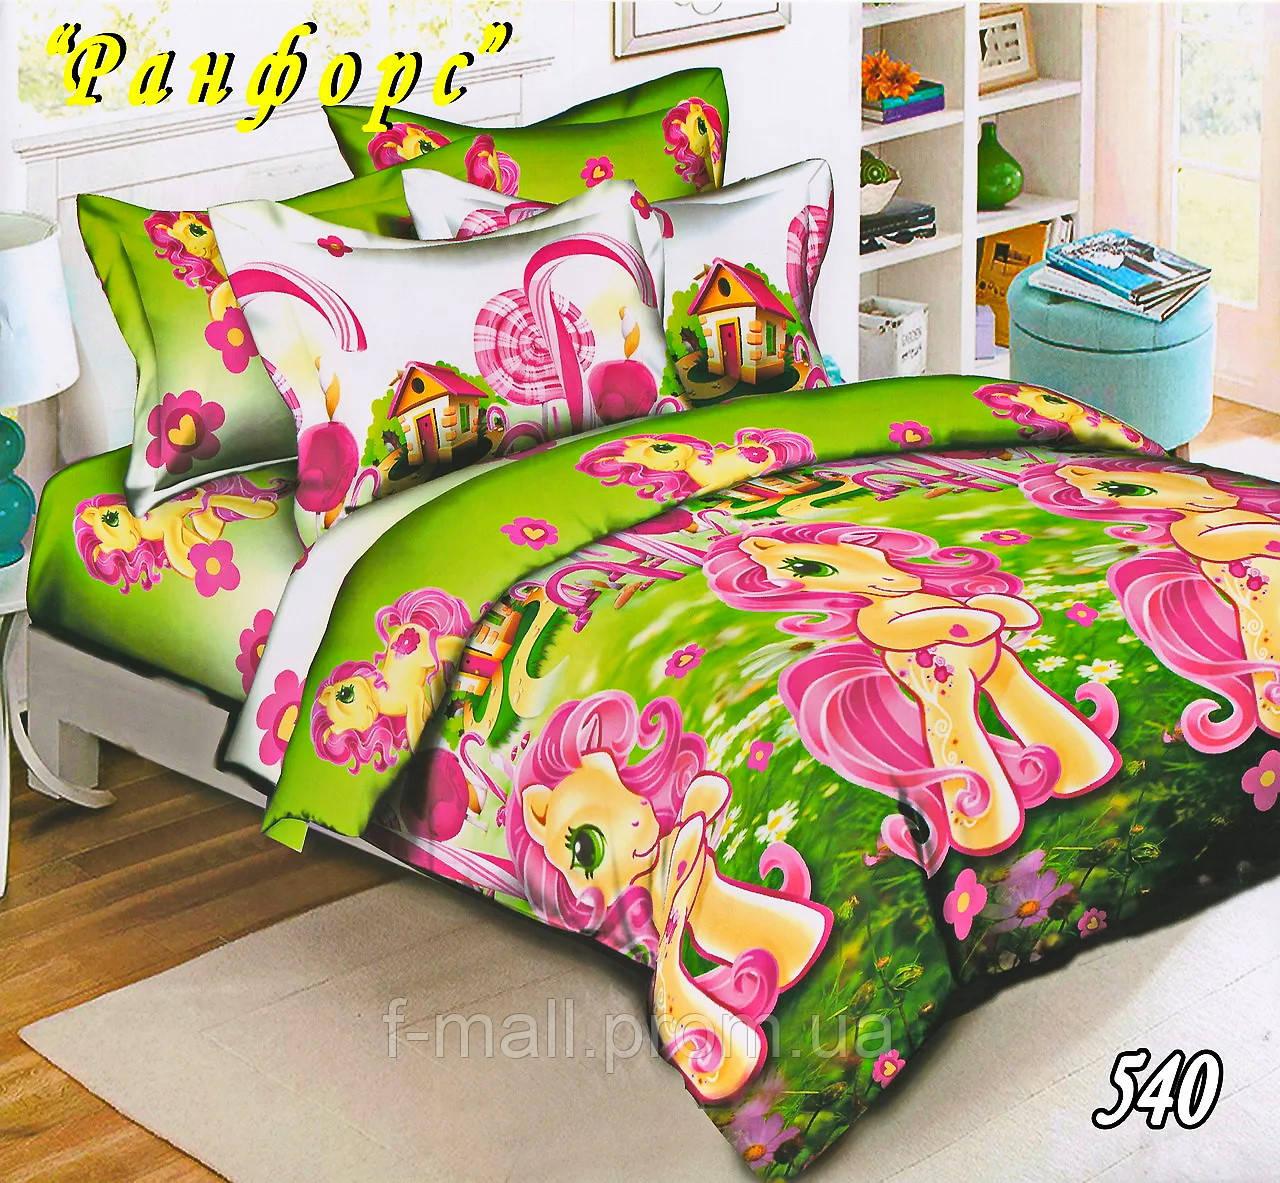 Комплект детского постельного белья Тет-А-Тет (Украина) ранфорс полуторное (540)